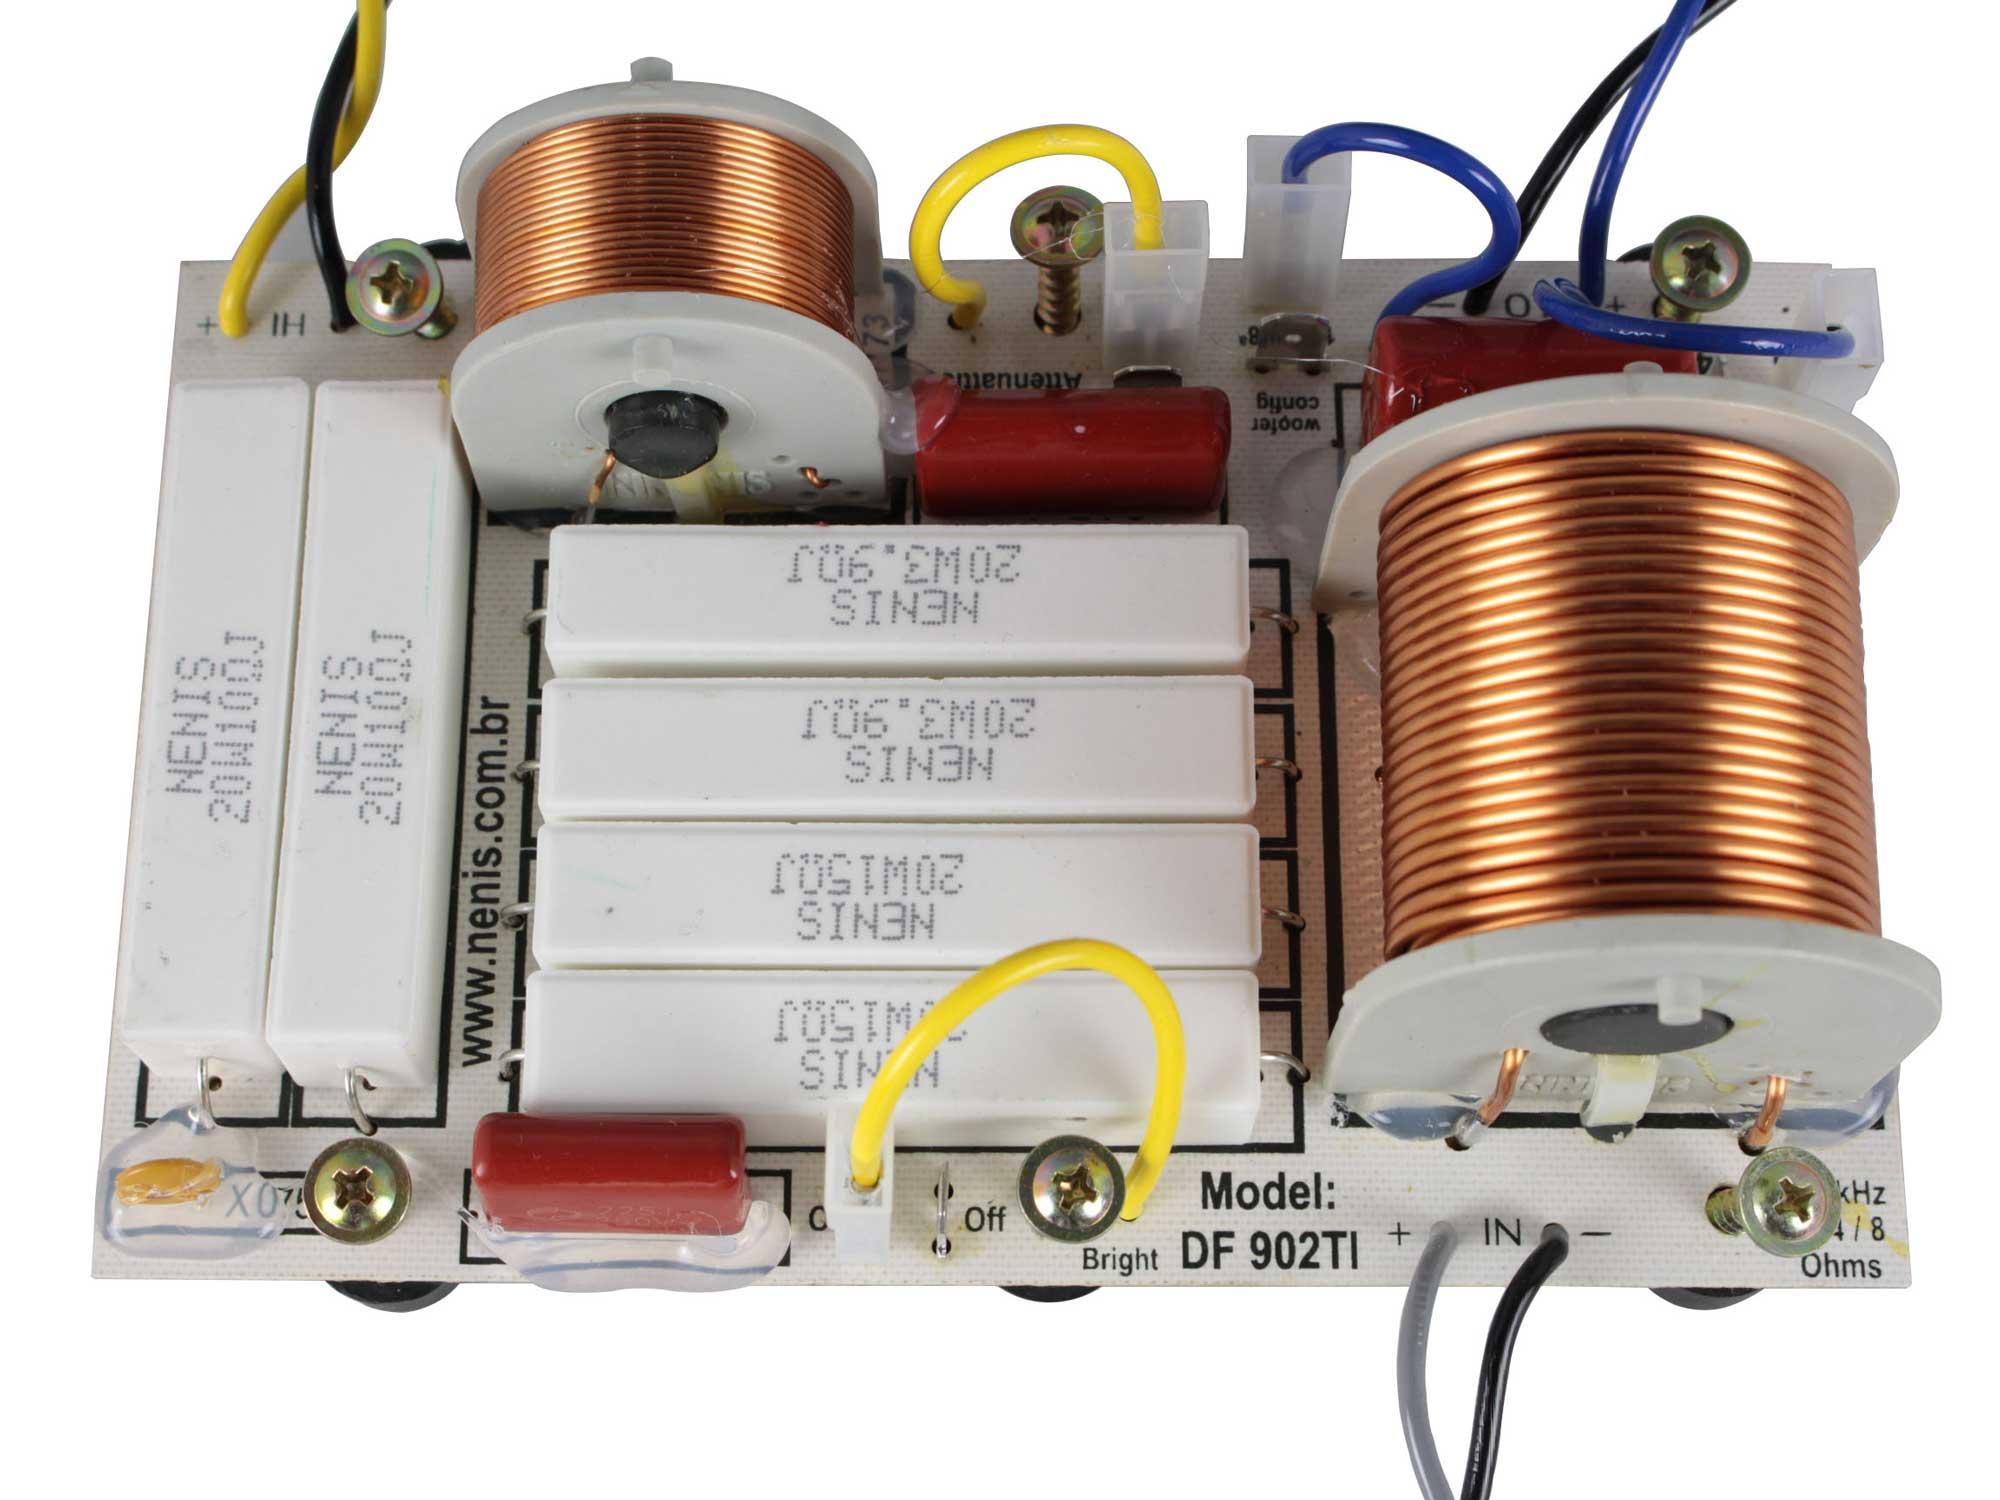 Divisor de Frequência 2 vias  Passivo | 1 ou 2 Alto-falantes + 1 Driver Titanium de até 900W RMS | DF902TI | Nenis